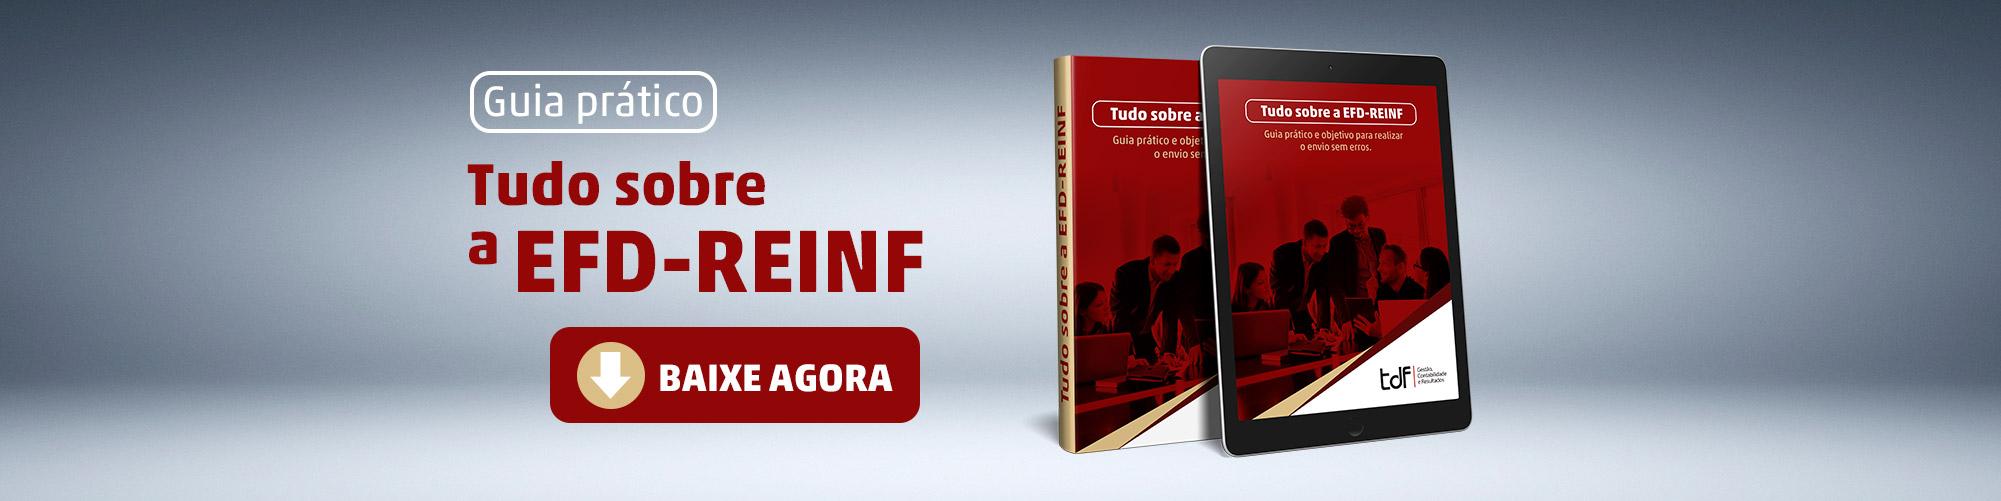 EFD-REINF-ebook-gratuito-TDF